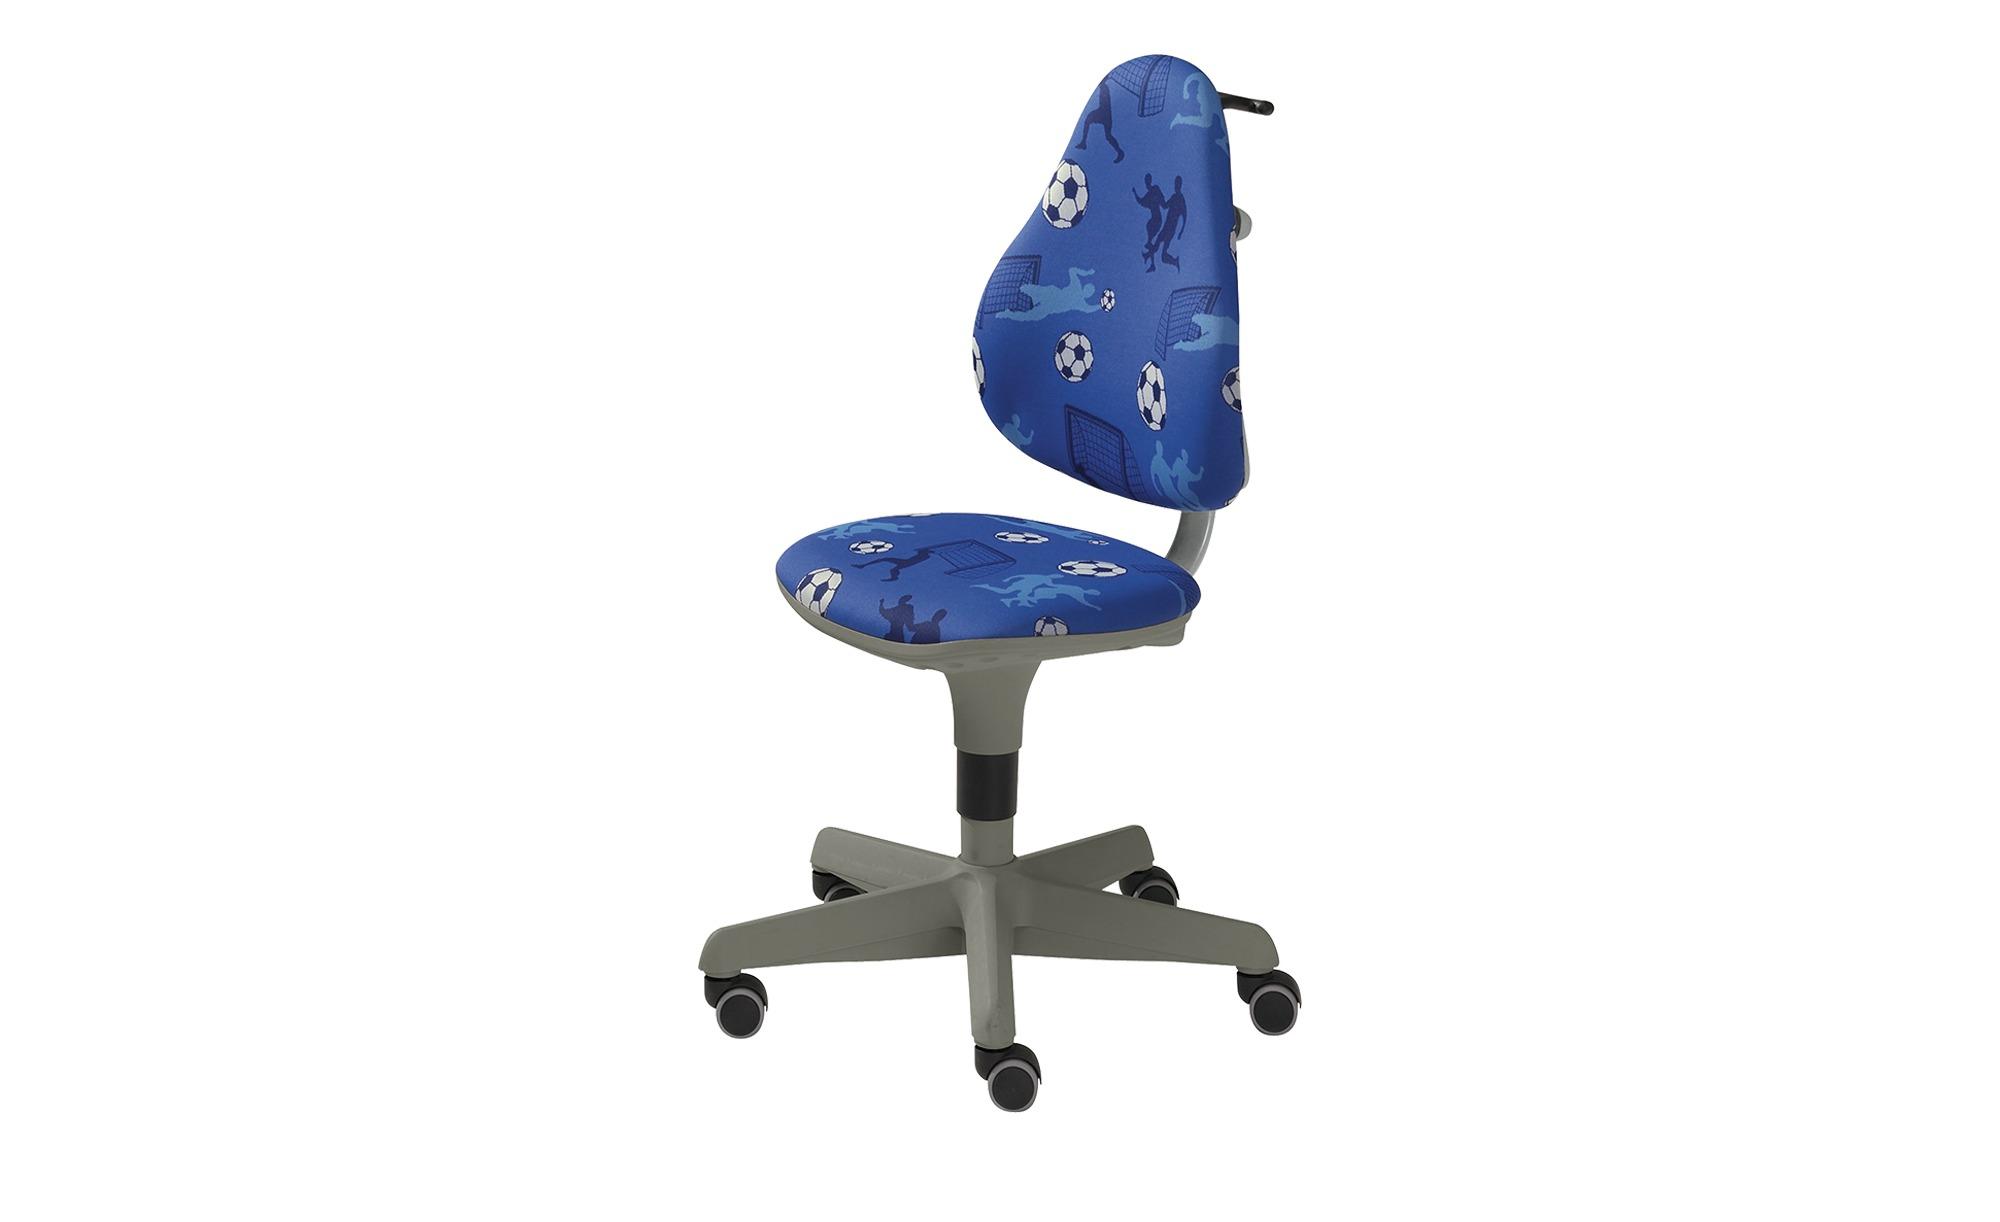 PAIDI Kinder- und Jugenddrehstuhl  Pepe - blau - Stühle > Bürostühle > Drehstühle - Möbel Kraft | Kinderzimmer > Kinderzimmerstühle > Kinderstühle | PAIDI